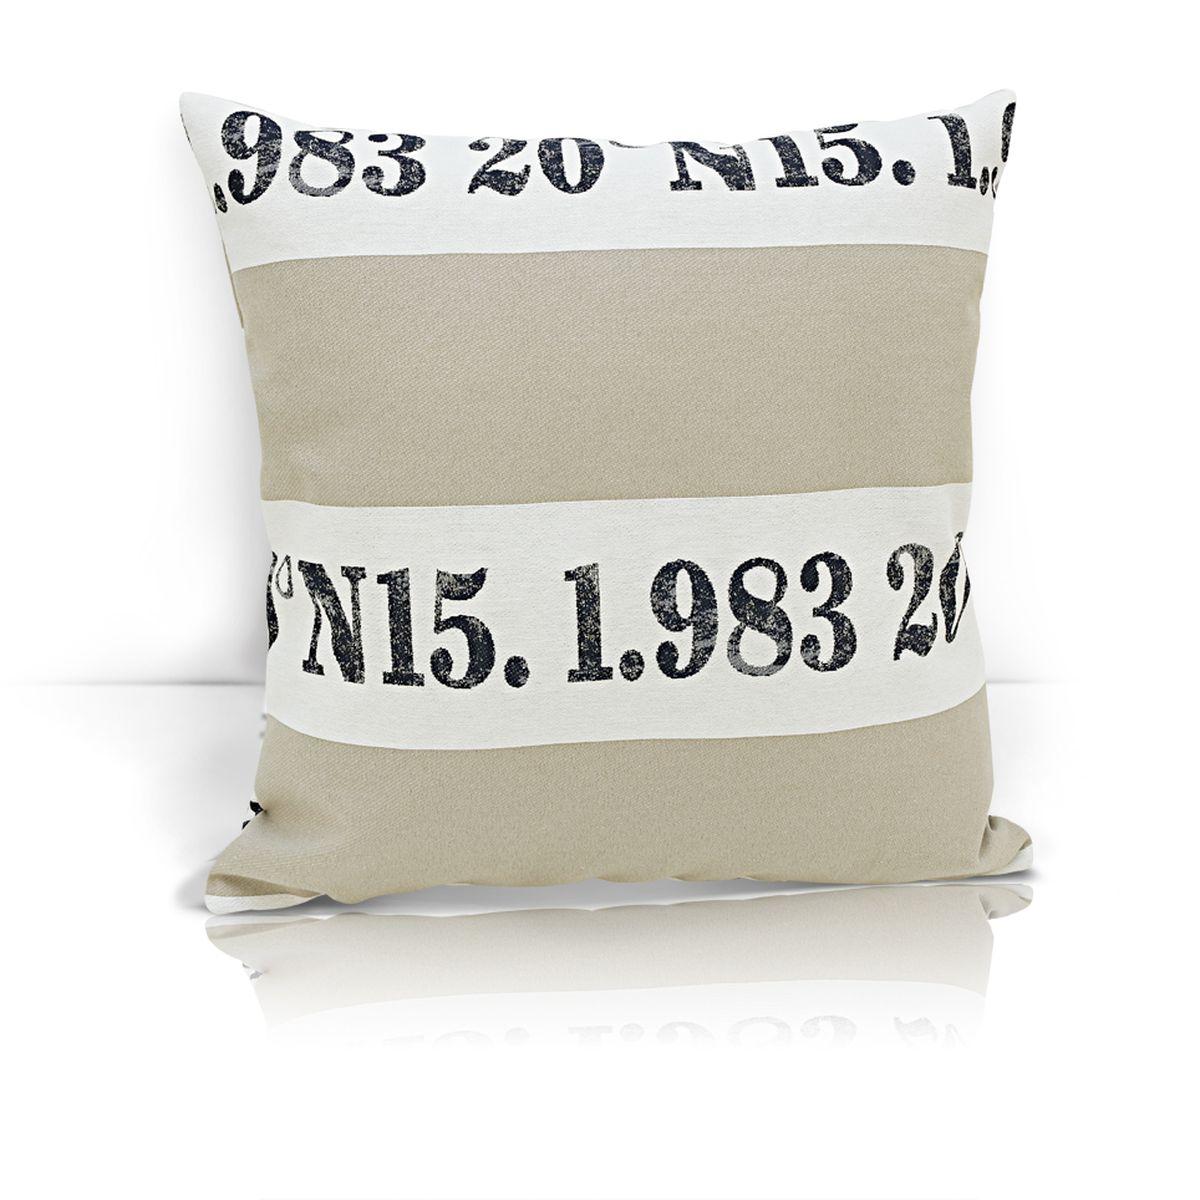 Подушка декоративная KauffOrt Лофт, 40 x 40 см3122317620Декоративная подушка Лофт прекрасно дополнит интерьер спальни или гостиной. Чехол подушки выполнен из жаккардовой ткани. Внутри находится мягкий наполнитель. Чехол легко снимается благодаря потайной молнии.